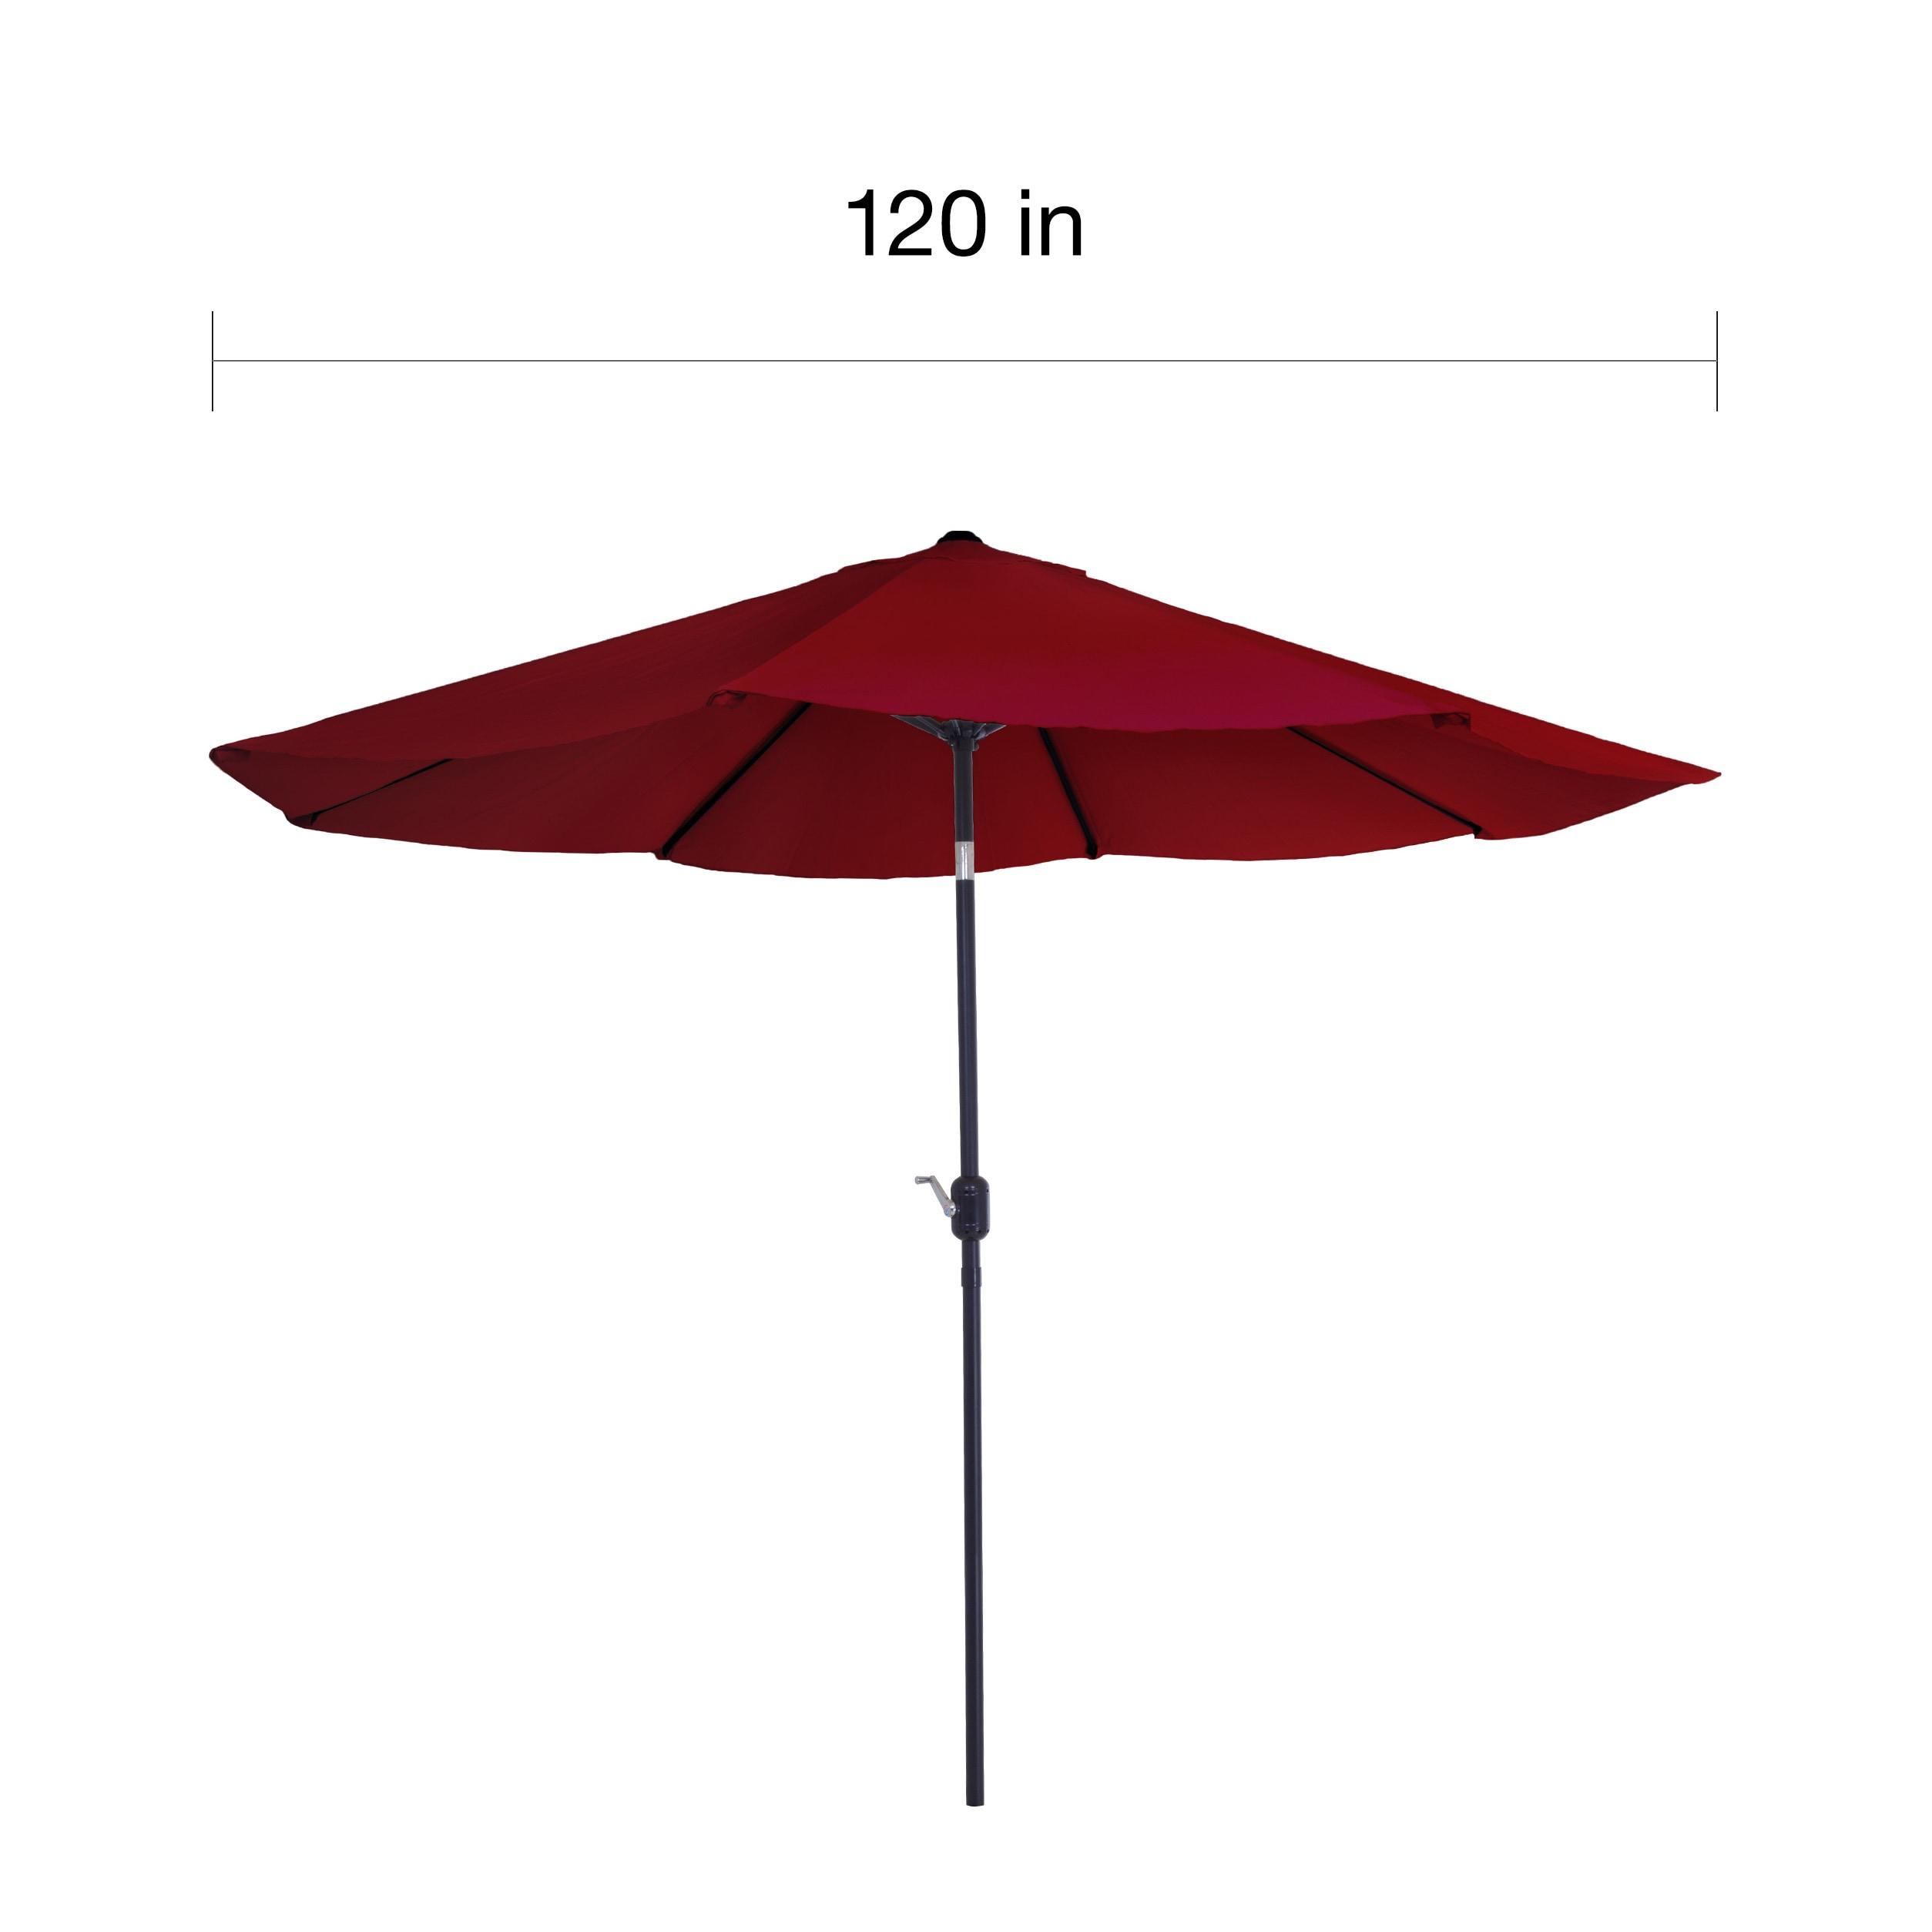 10 Foot Red Aluminum Patio Umbrella